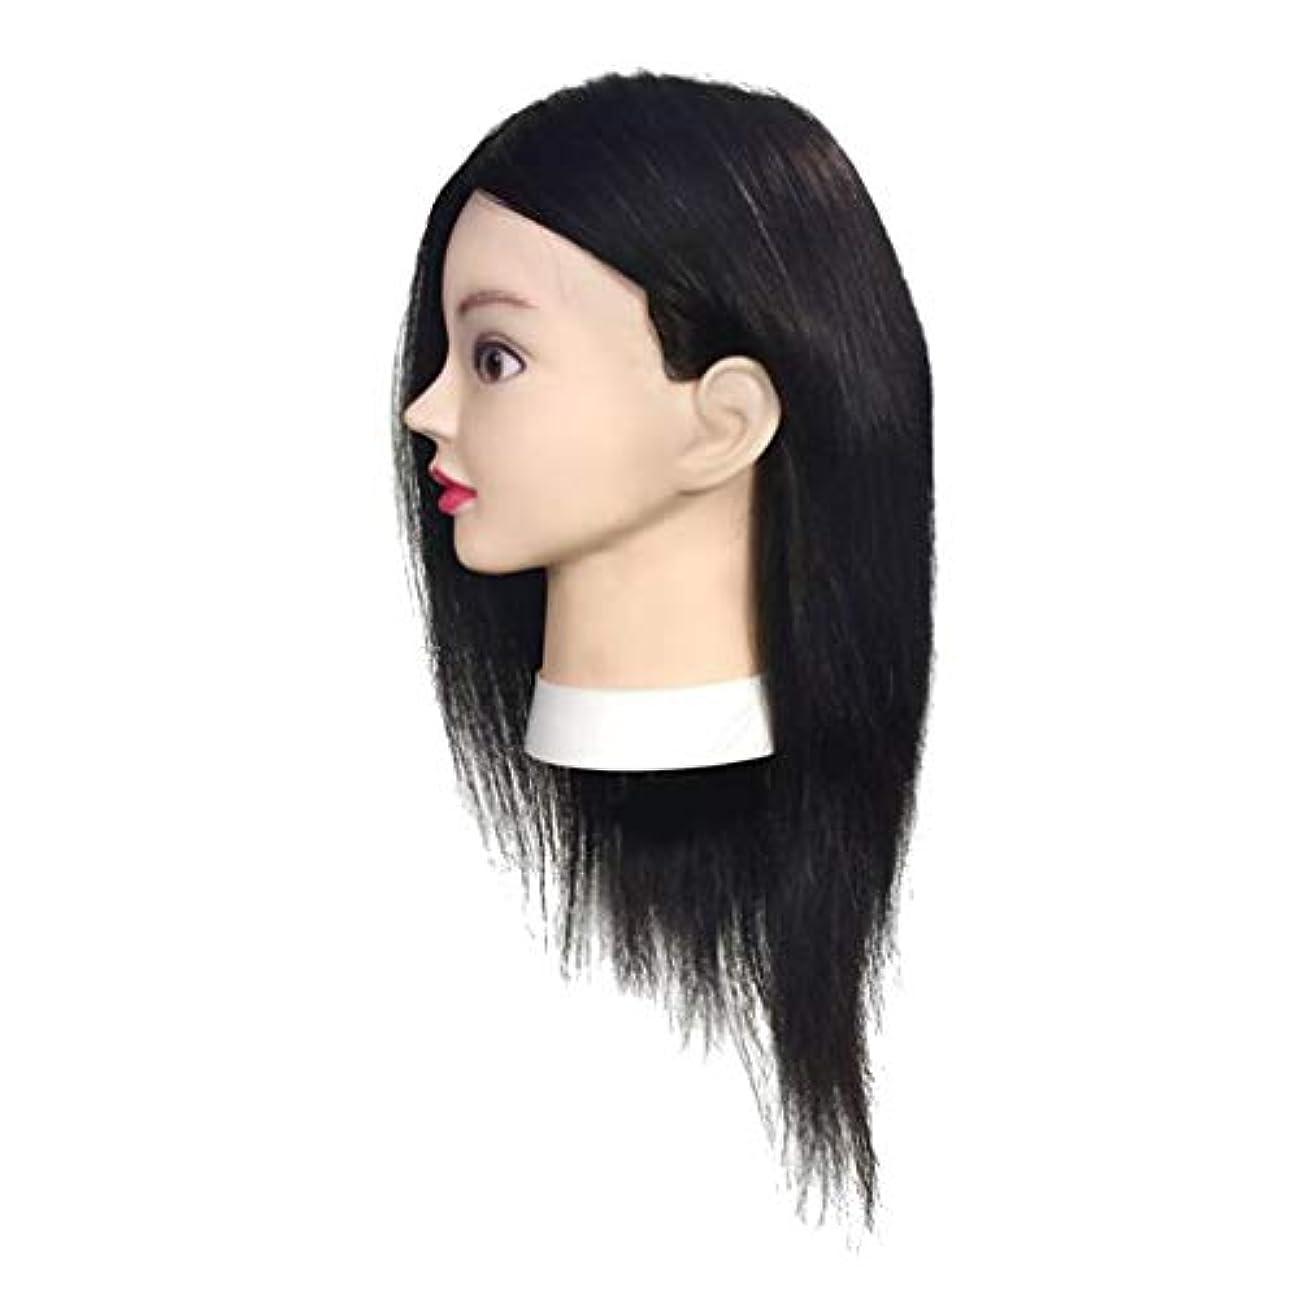 困惑する球体貴重なCUTICATE マネキンヘッド ウィッグ 編み込み練習用 練習用 美容師 理髪店 美容院 サロン